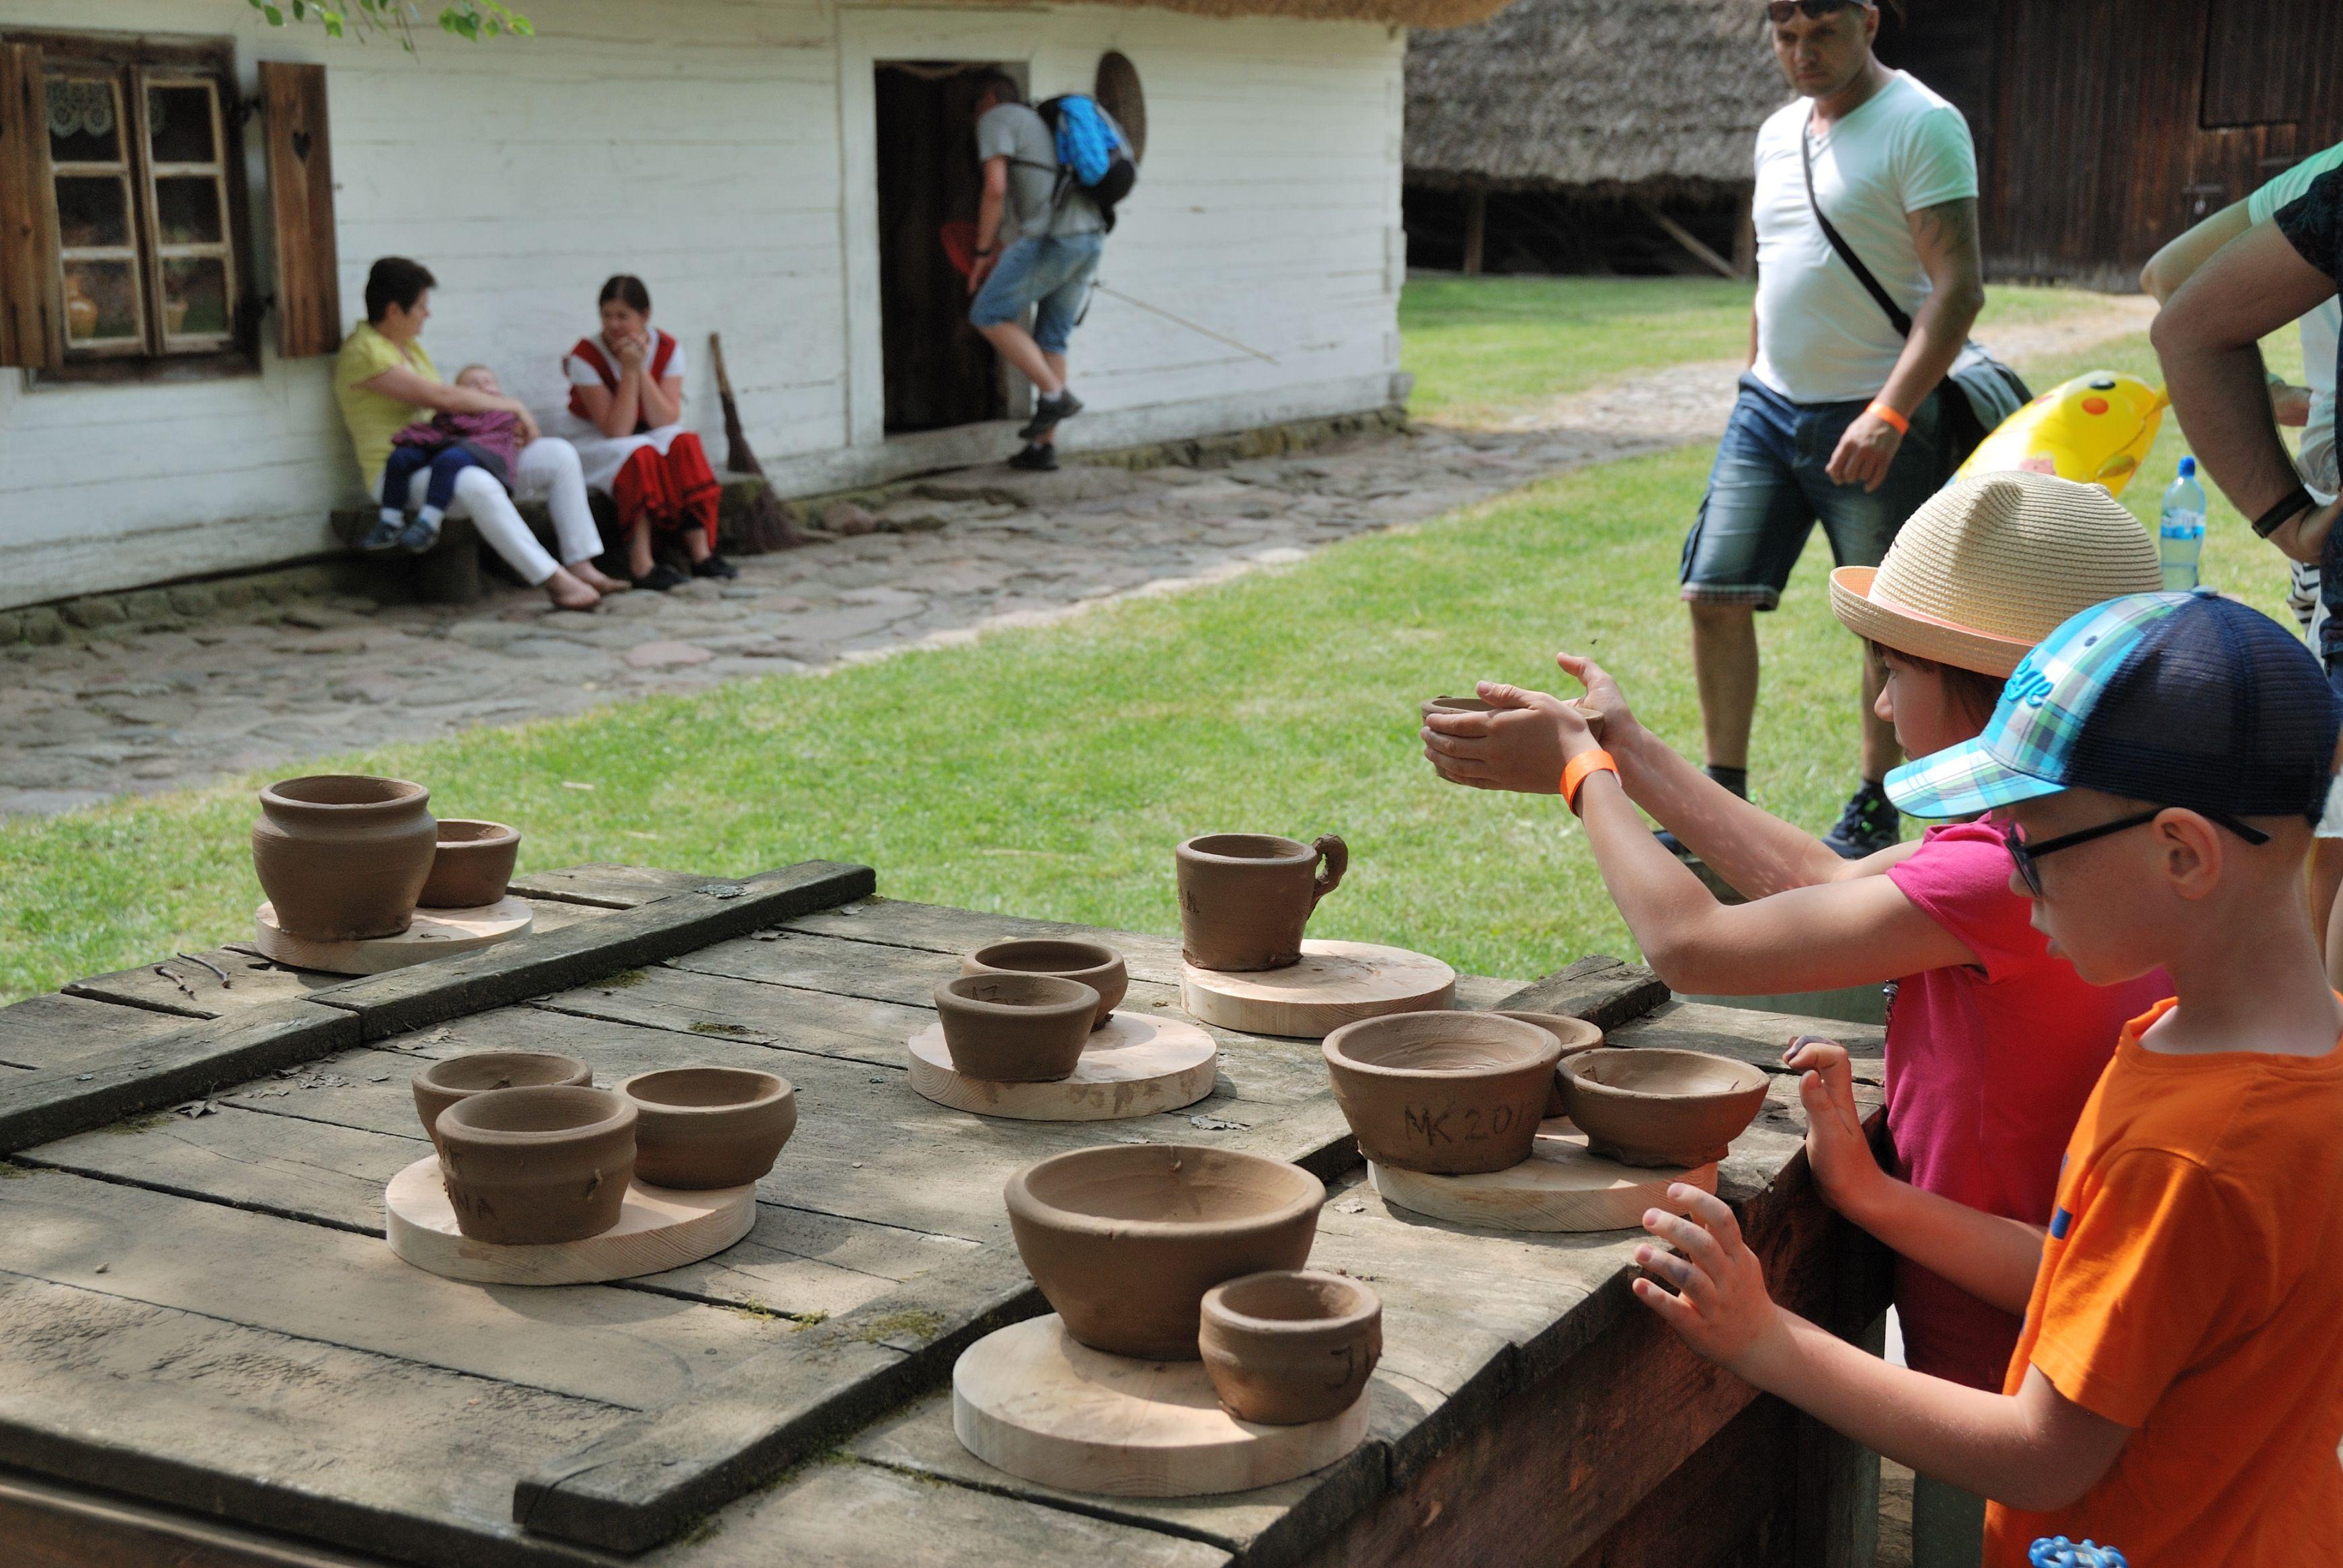 Radosne i kolorowe muzeum, czyli Dzień Dziecka w skansenie